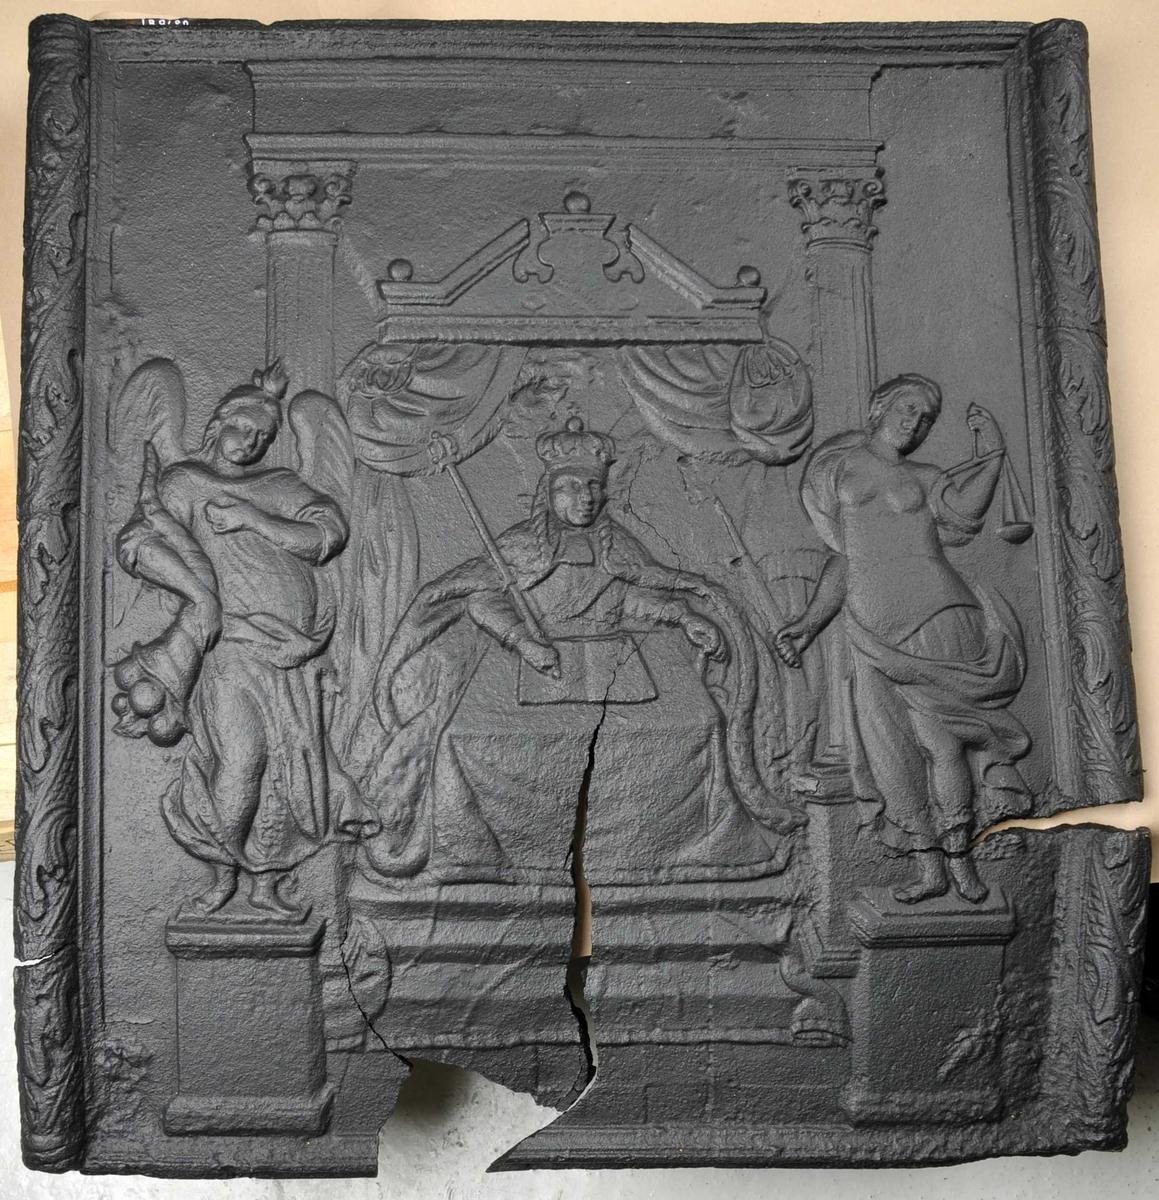 I sentrum sit ein konge med septer, til venstre ein engel med overflødighetshorn. Til høgre ein figur med vekt i eine handa og sverd i andre handa. Kongen sit i ei trone.